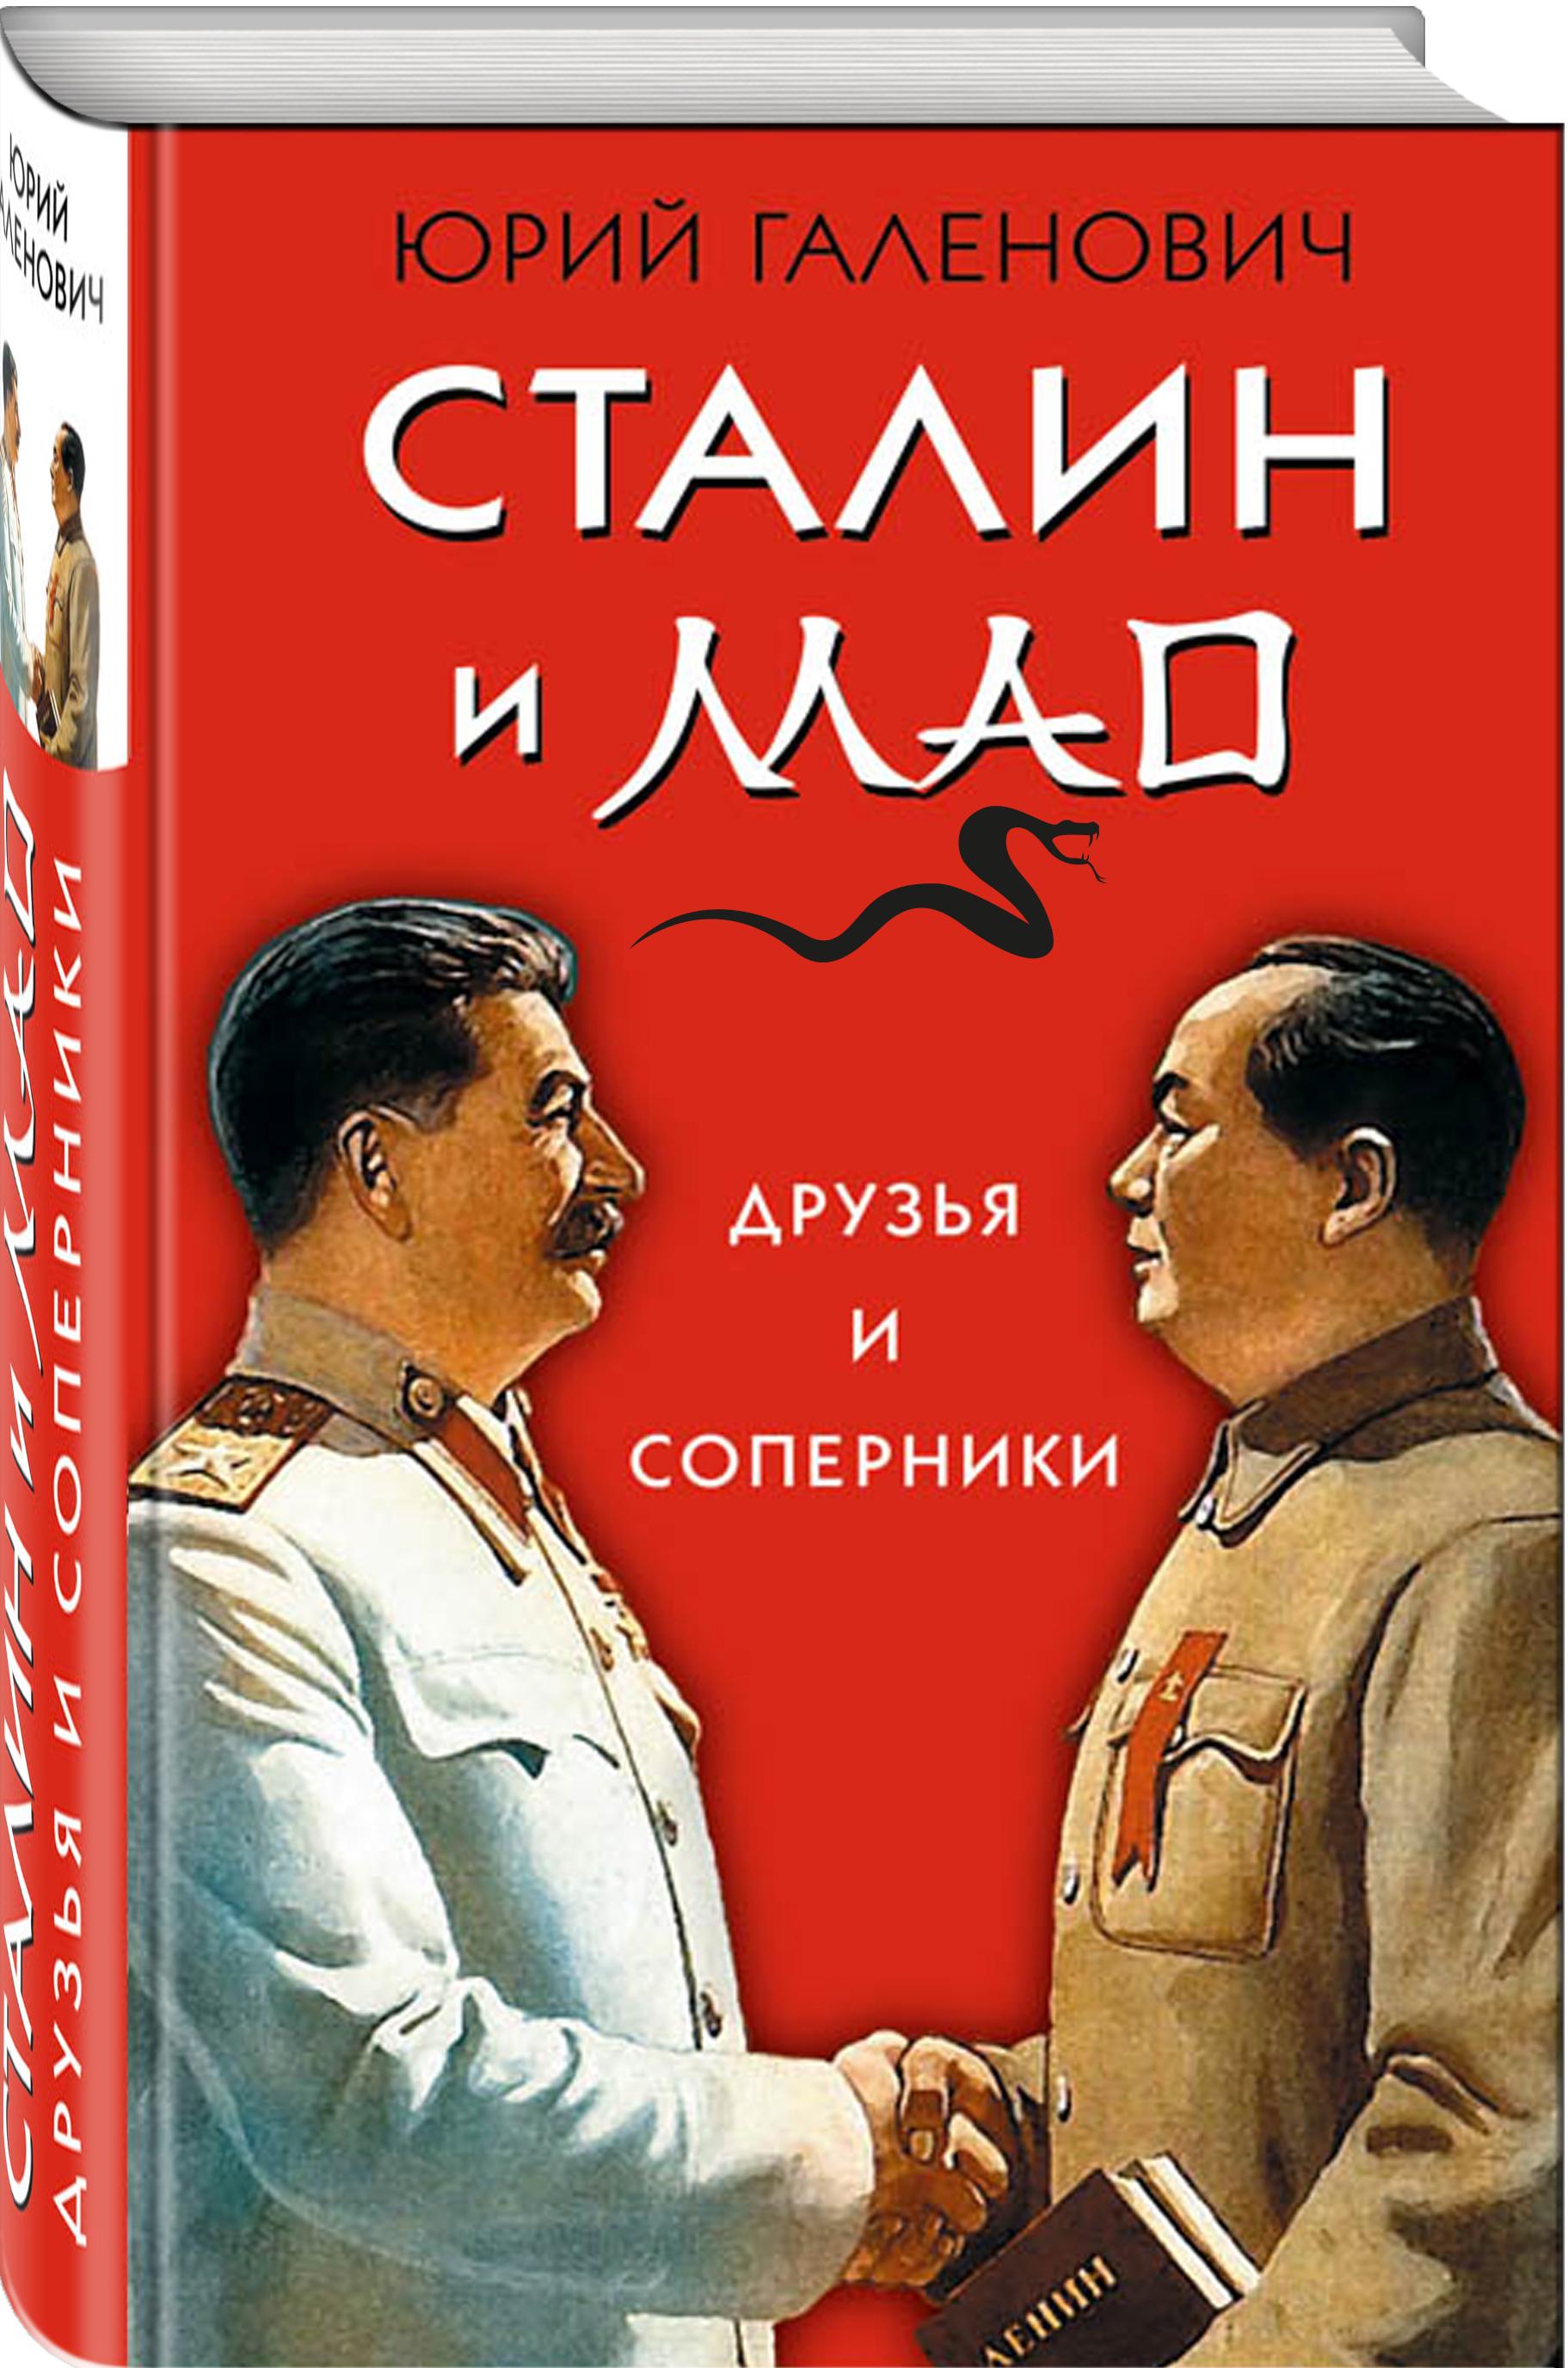 Сталин и Мао. Друзья и соперники ( Галенович Ю.М.  )